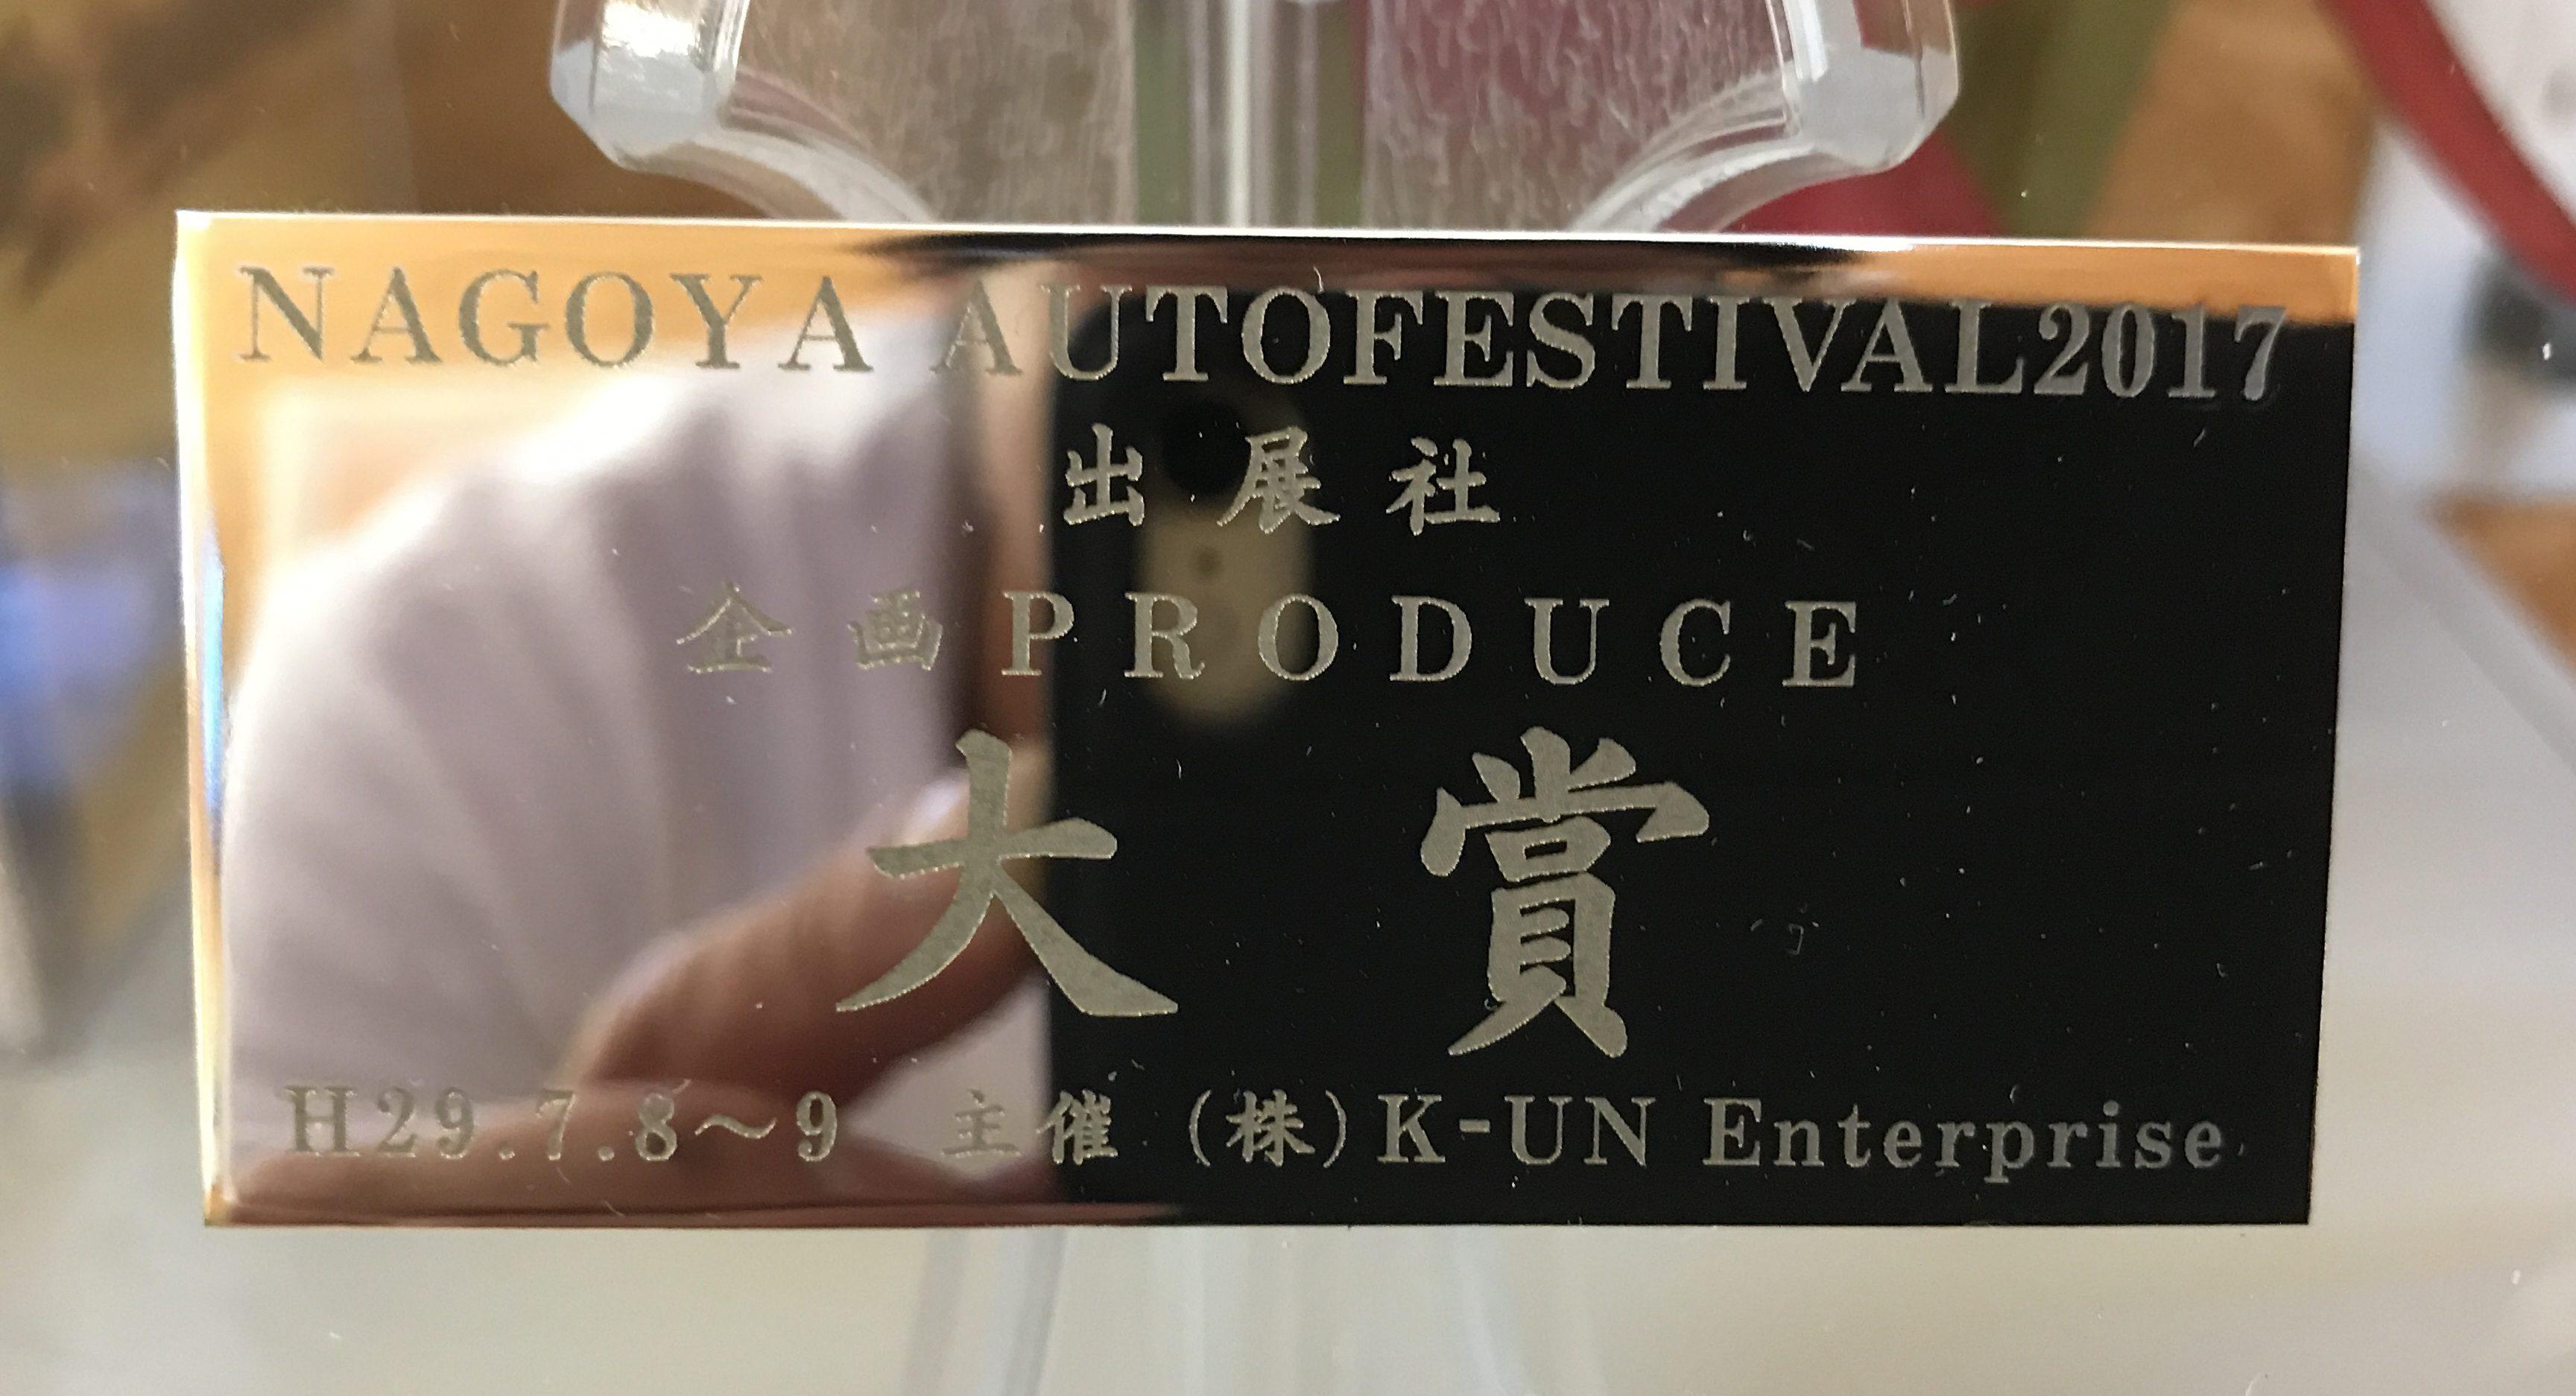 名古屋オートフェスティバル2017 多数のご来場ありがとうございました!